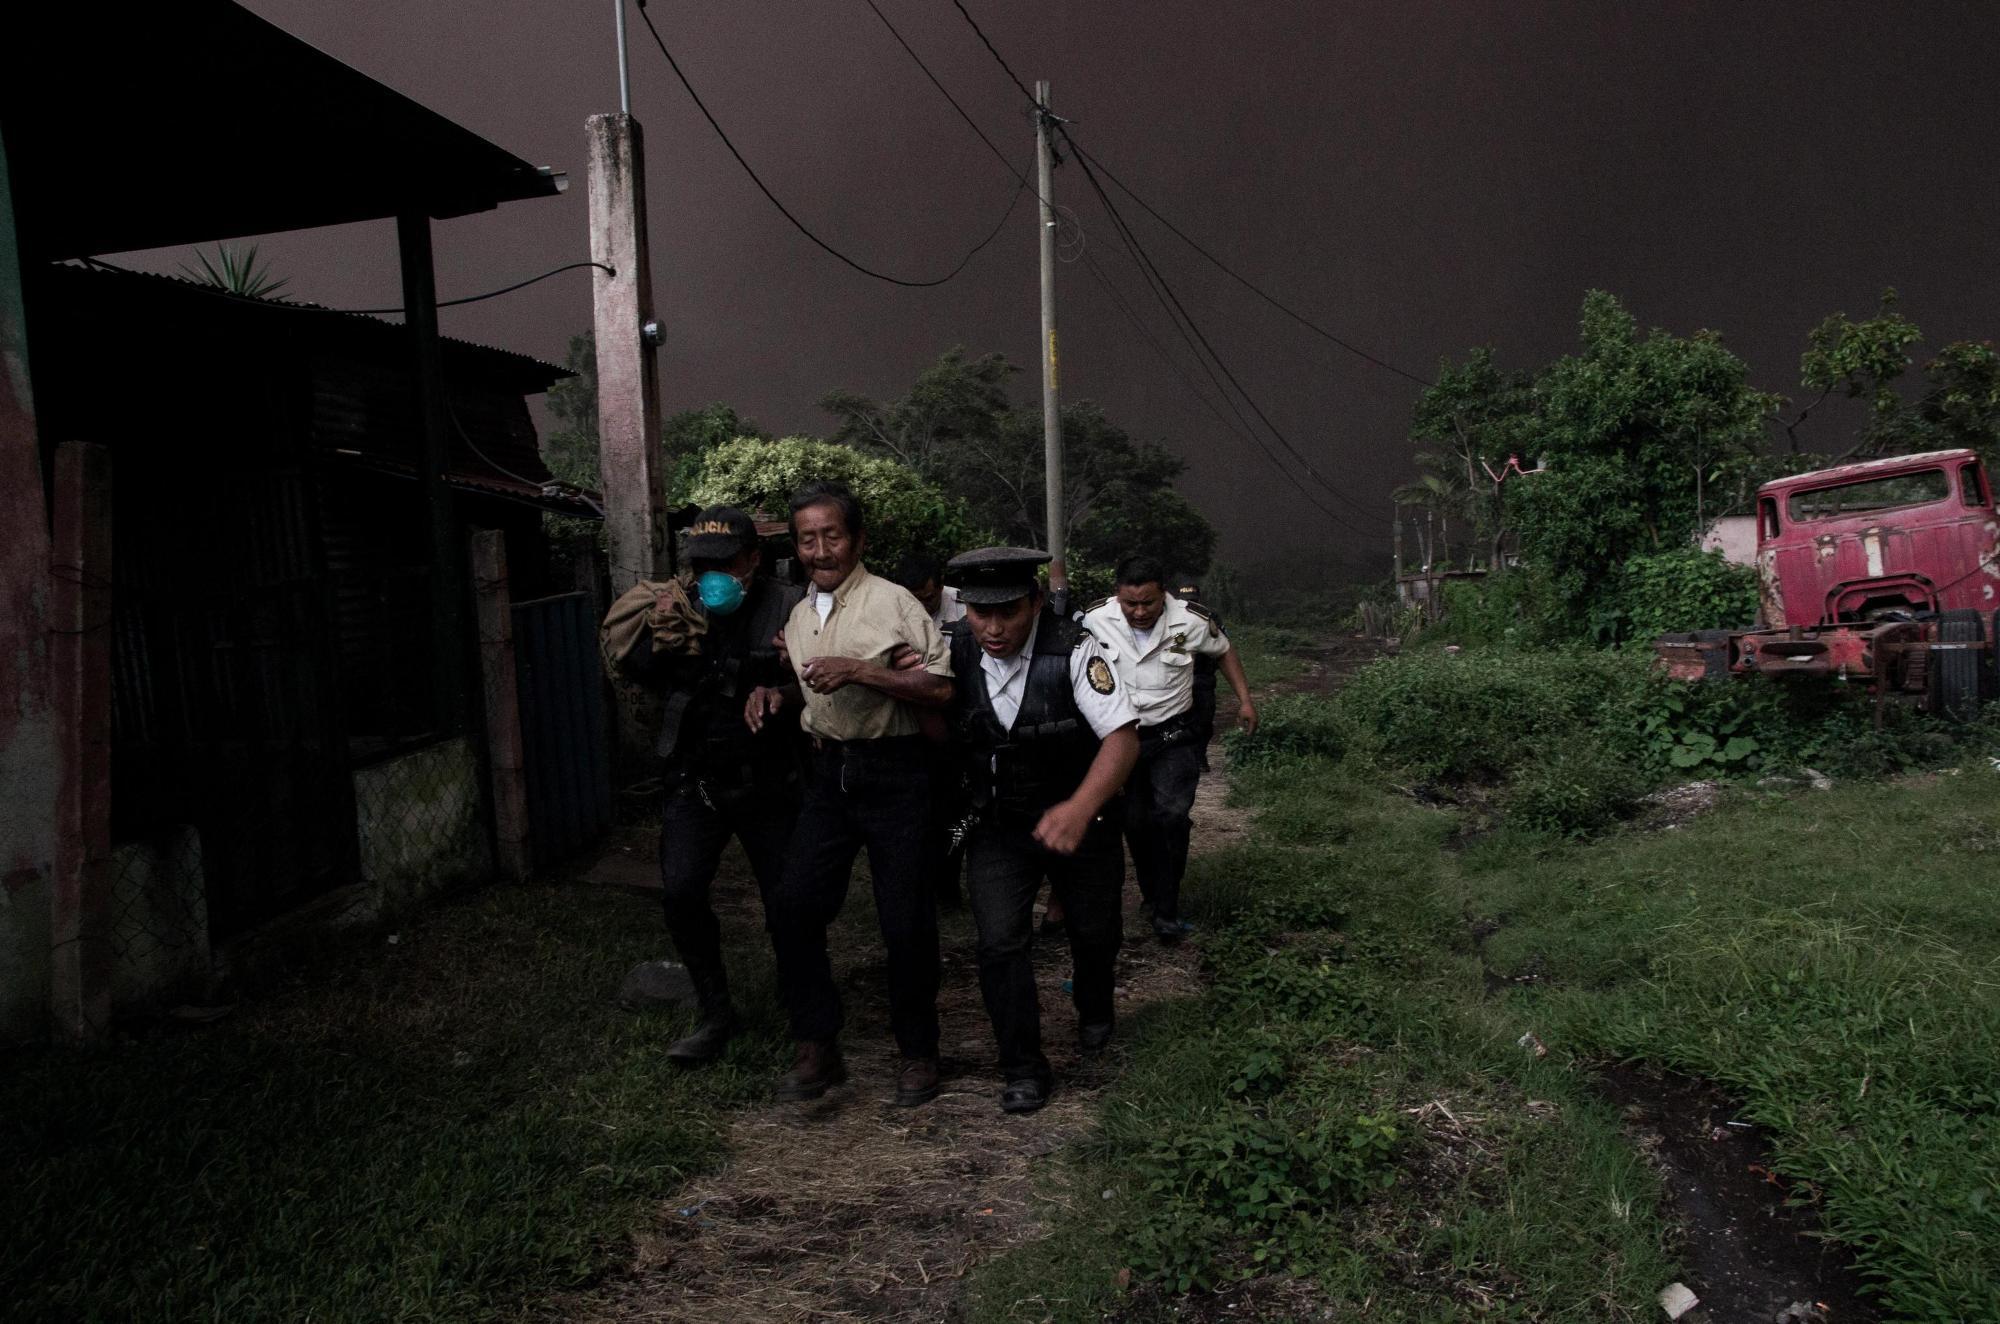 Città del Guatemala, l eruzione del Vulcano del Fuego